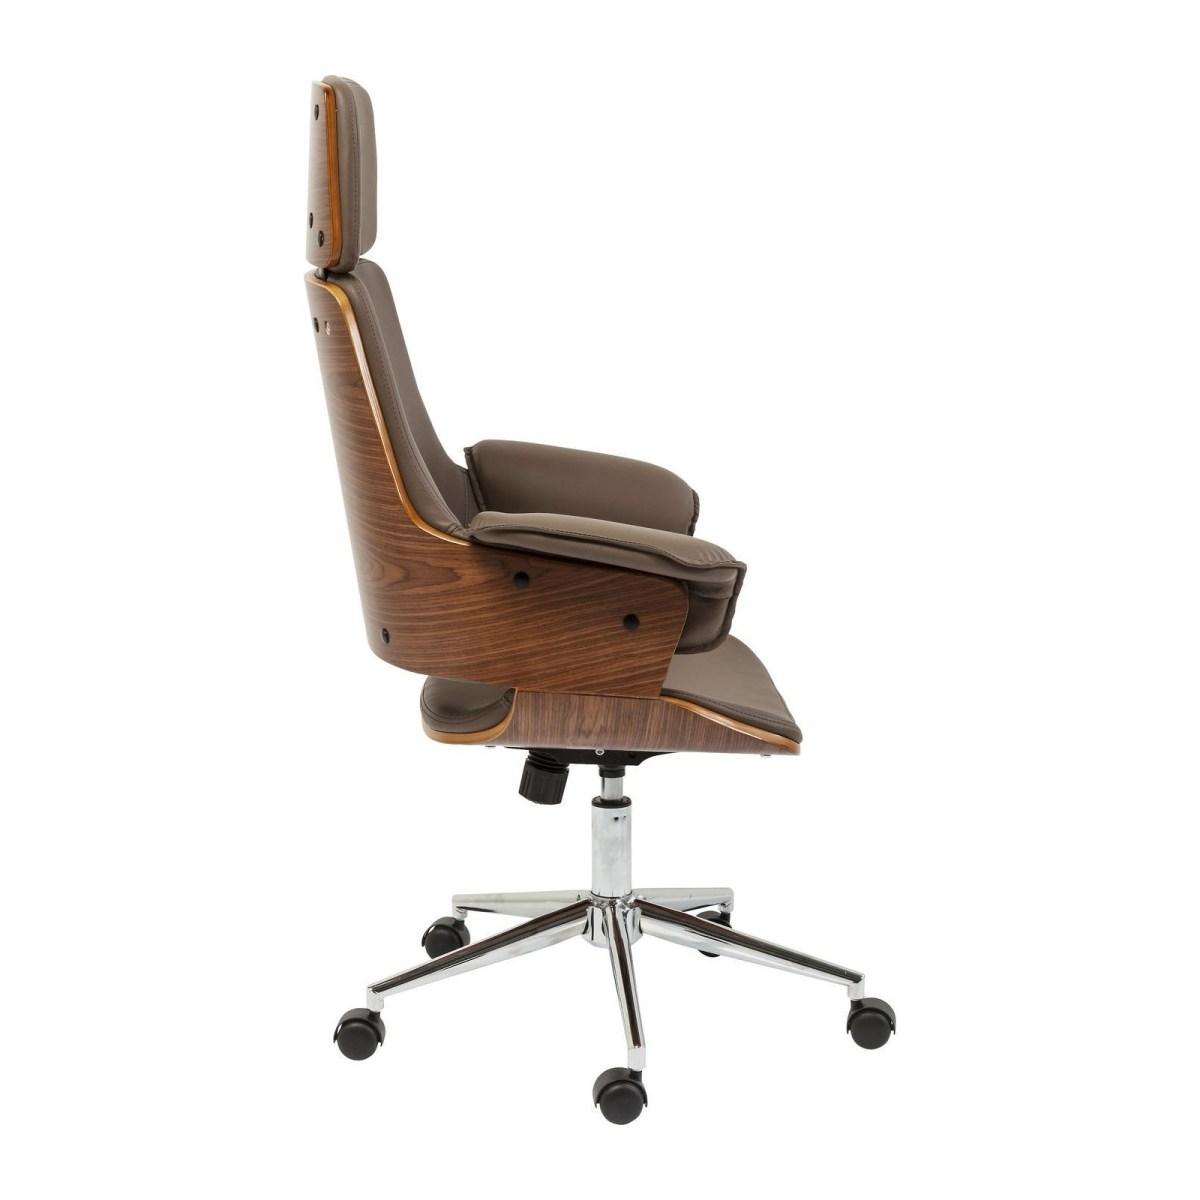 Soldes Kare Design Fournitures de bureau > Equipements de bureau > Sièges et fauteuils de bureau Chaise de bureau Flow Kare Design